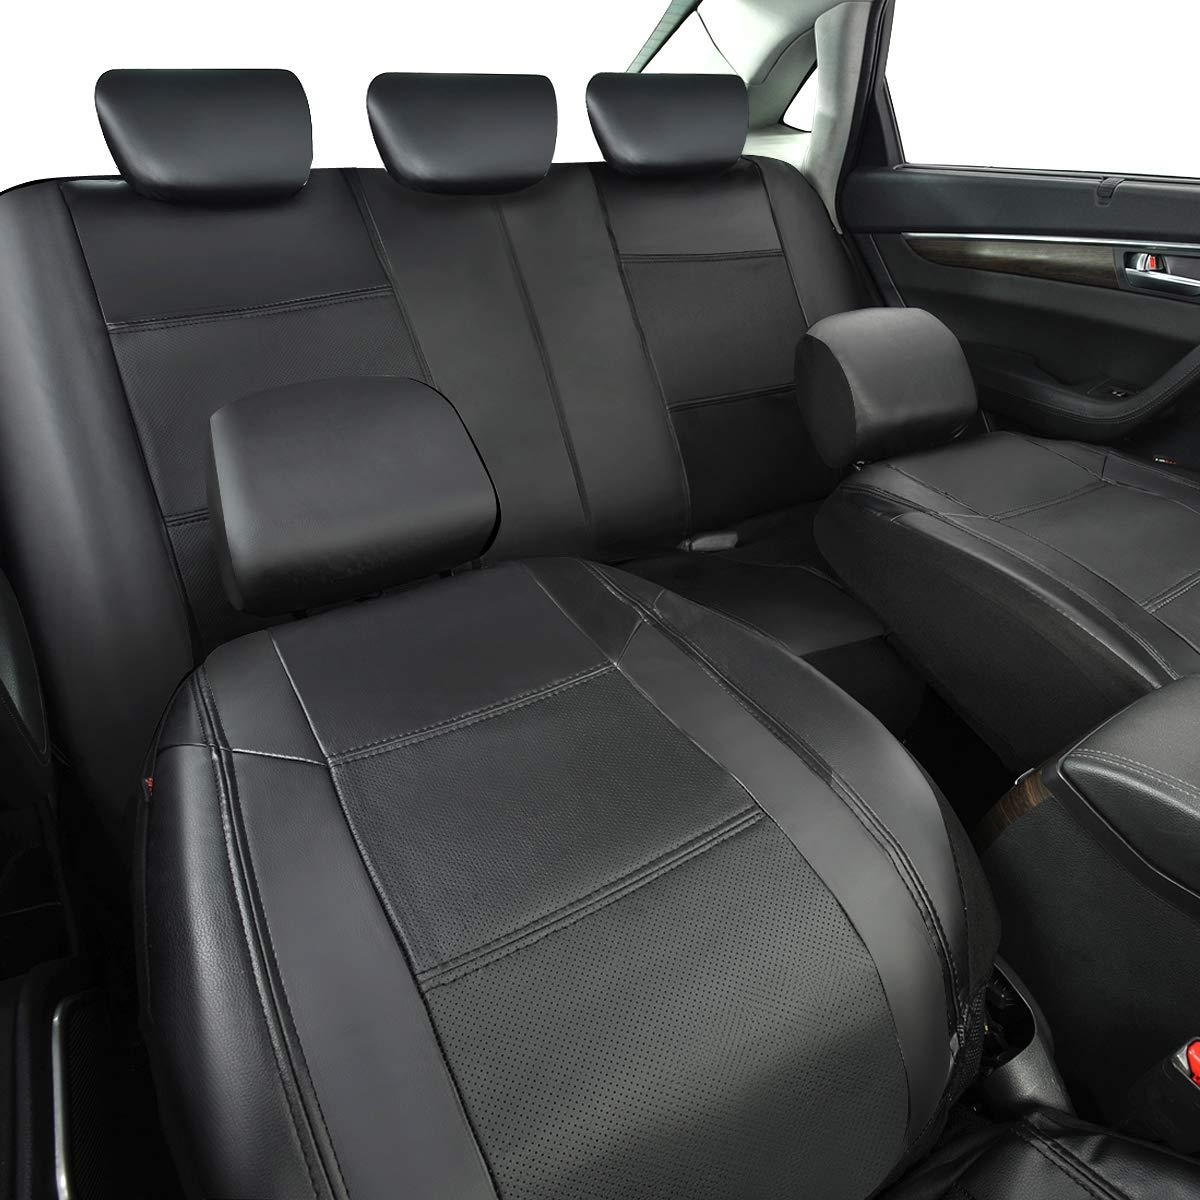 Cubiertas de Asiento de Auto de Cuero Artificial Protector para Asientos Delanteros y Traseros de Autom/óvil CAR PASS 11 pieza Juego de Fundas para Asientos de Coche Universal